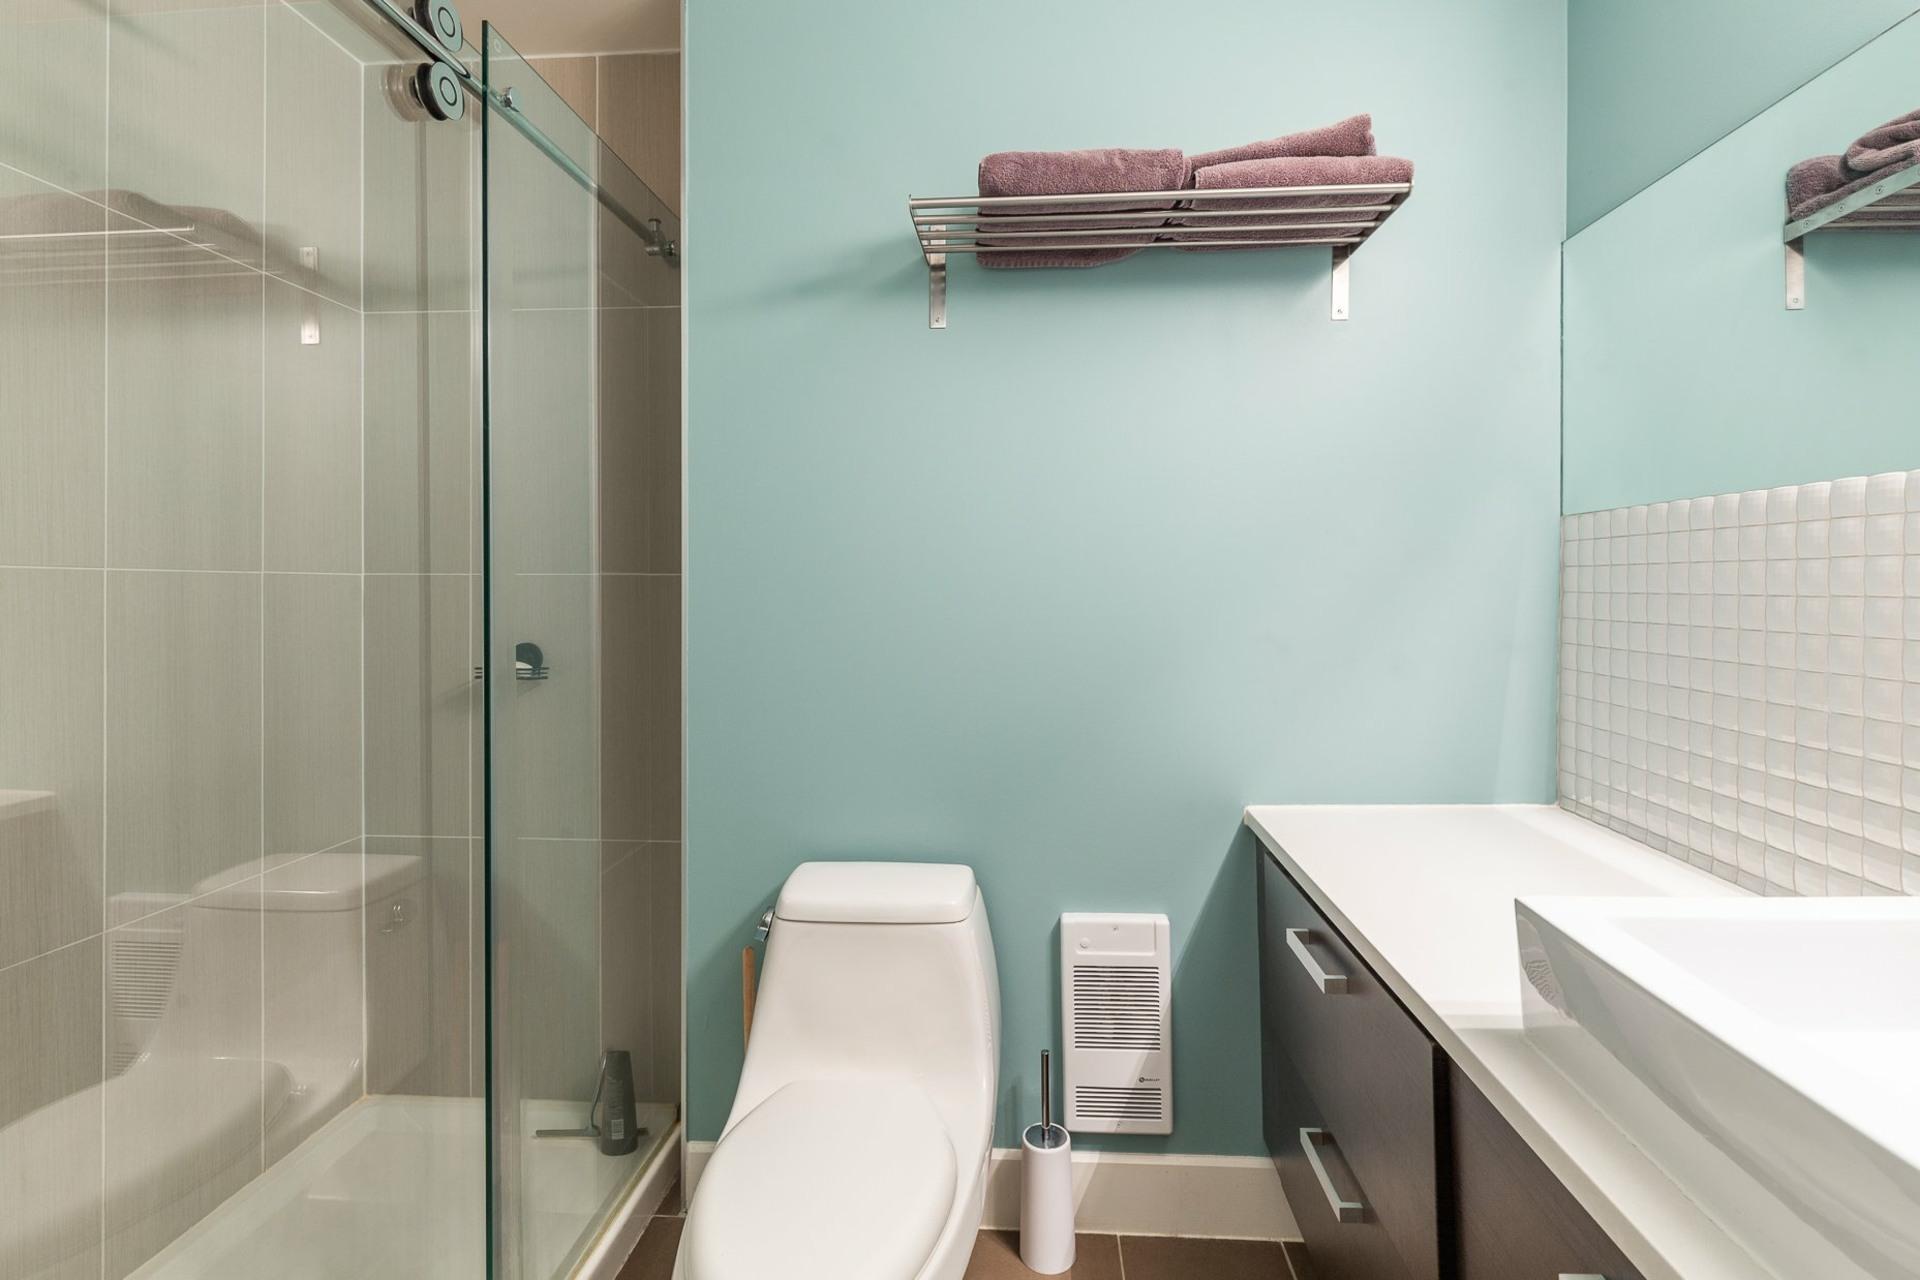 image 15 - Appartement À vendre Villeray/Saint-Michel/Parc-Extension Montréal  - 1 pièce